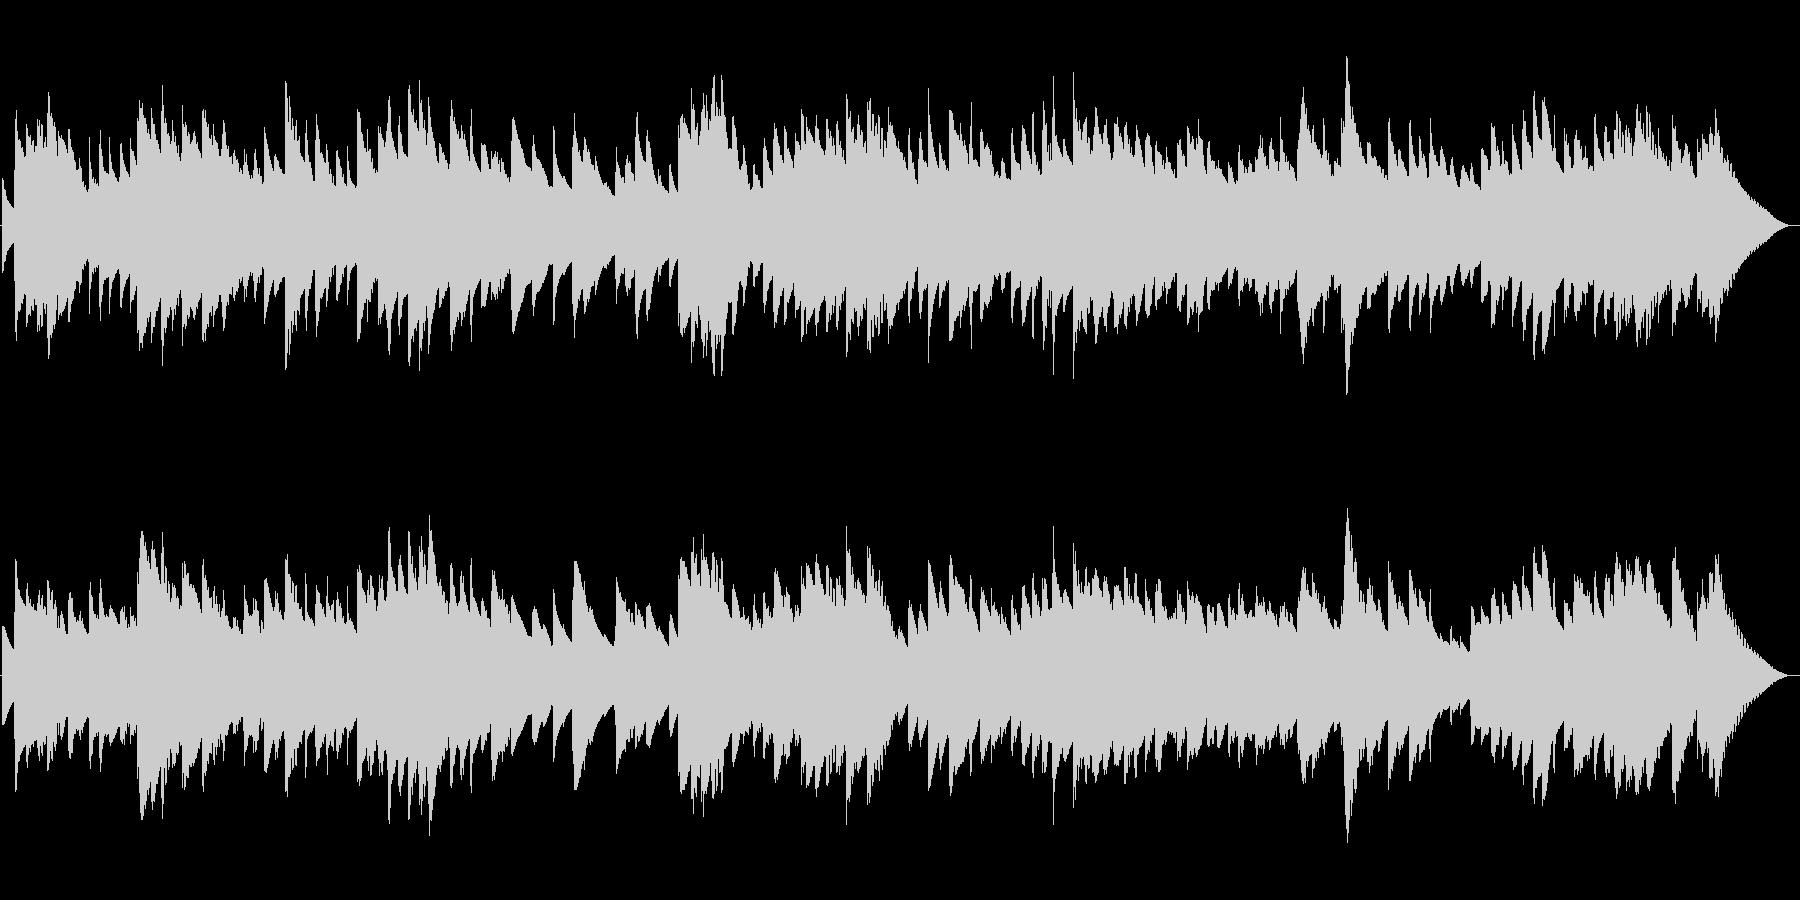 ショパンの別れの曲オルゴール風の未再生の波形